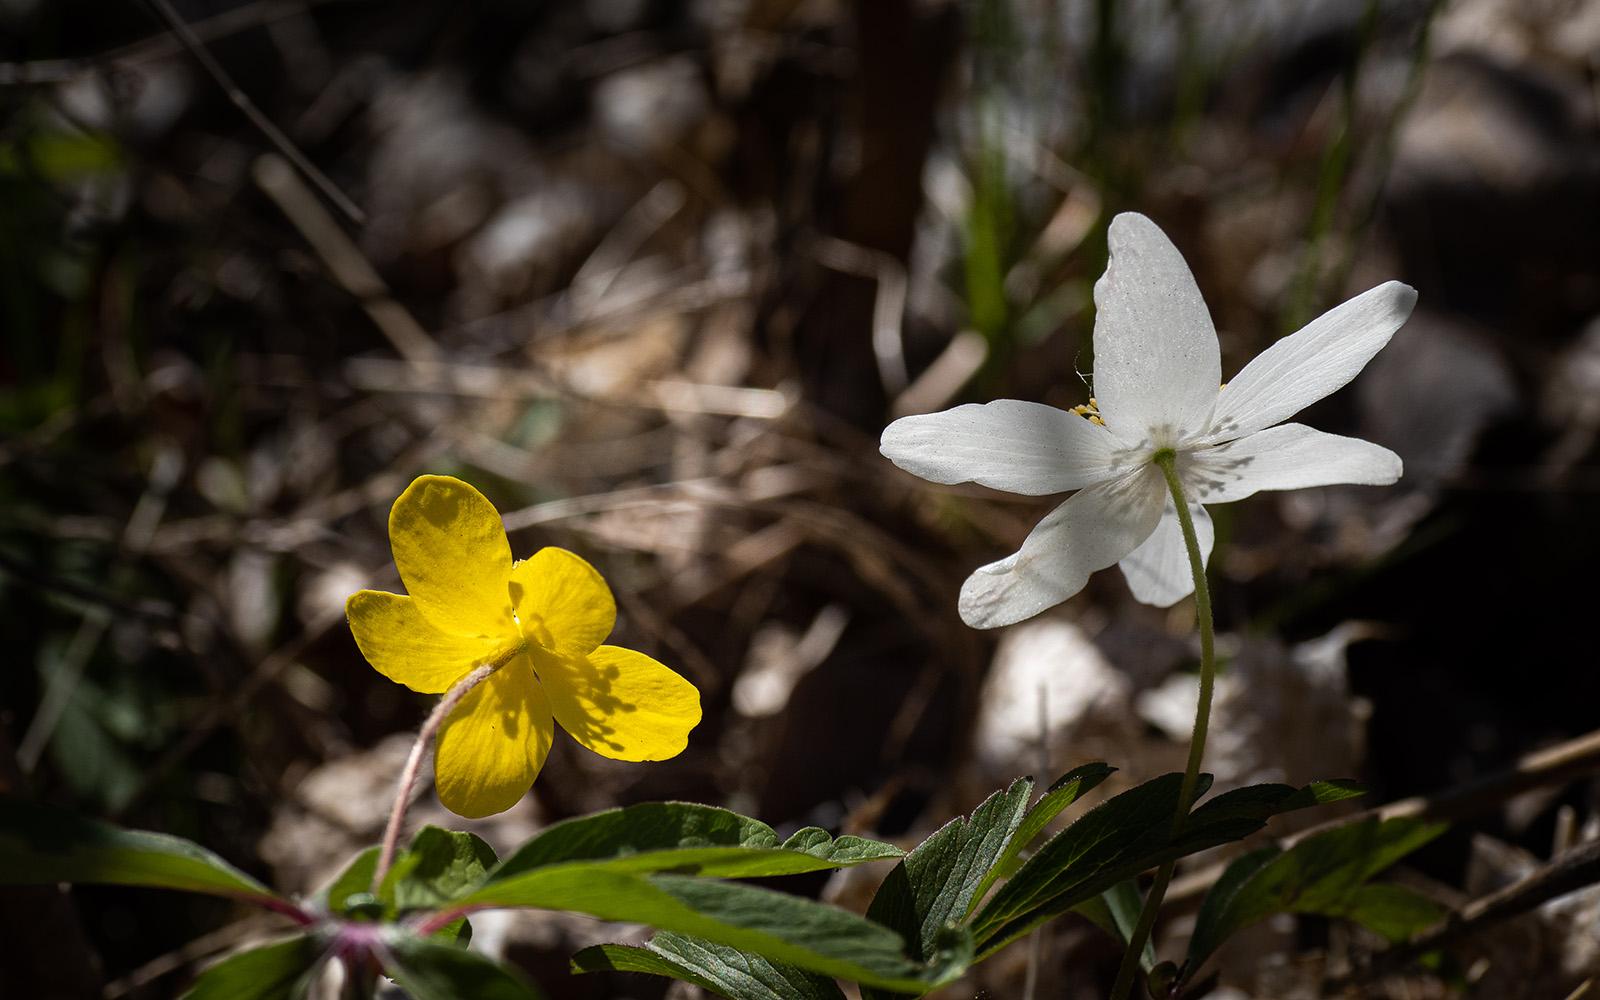 Ветреница лютиковидная (Anemone ranunculoides) и Ветреница дубравная (Anemone nemorosa) на берегу озера Mälaren, Стокгольм. Апрель 2020 года. Автор фото: Сутормина Марина